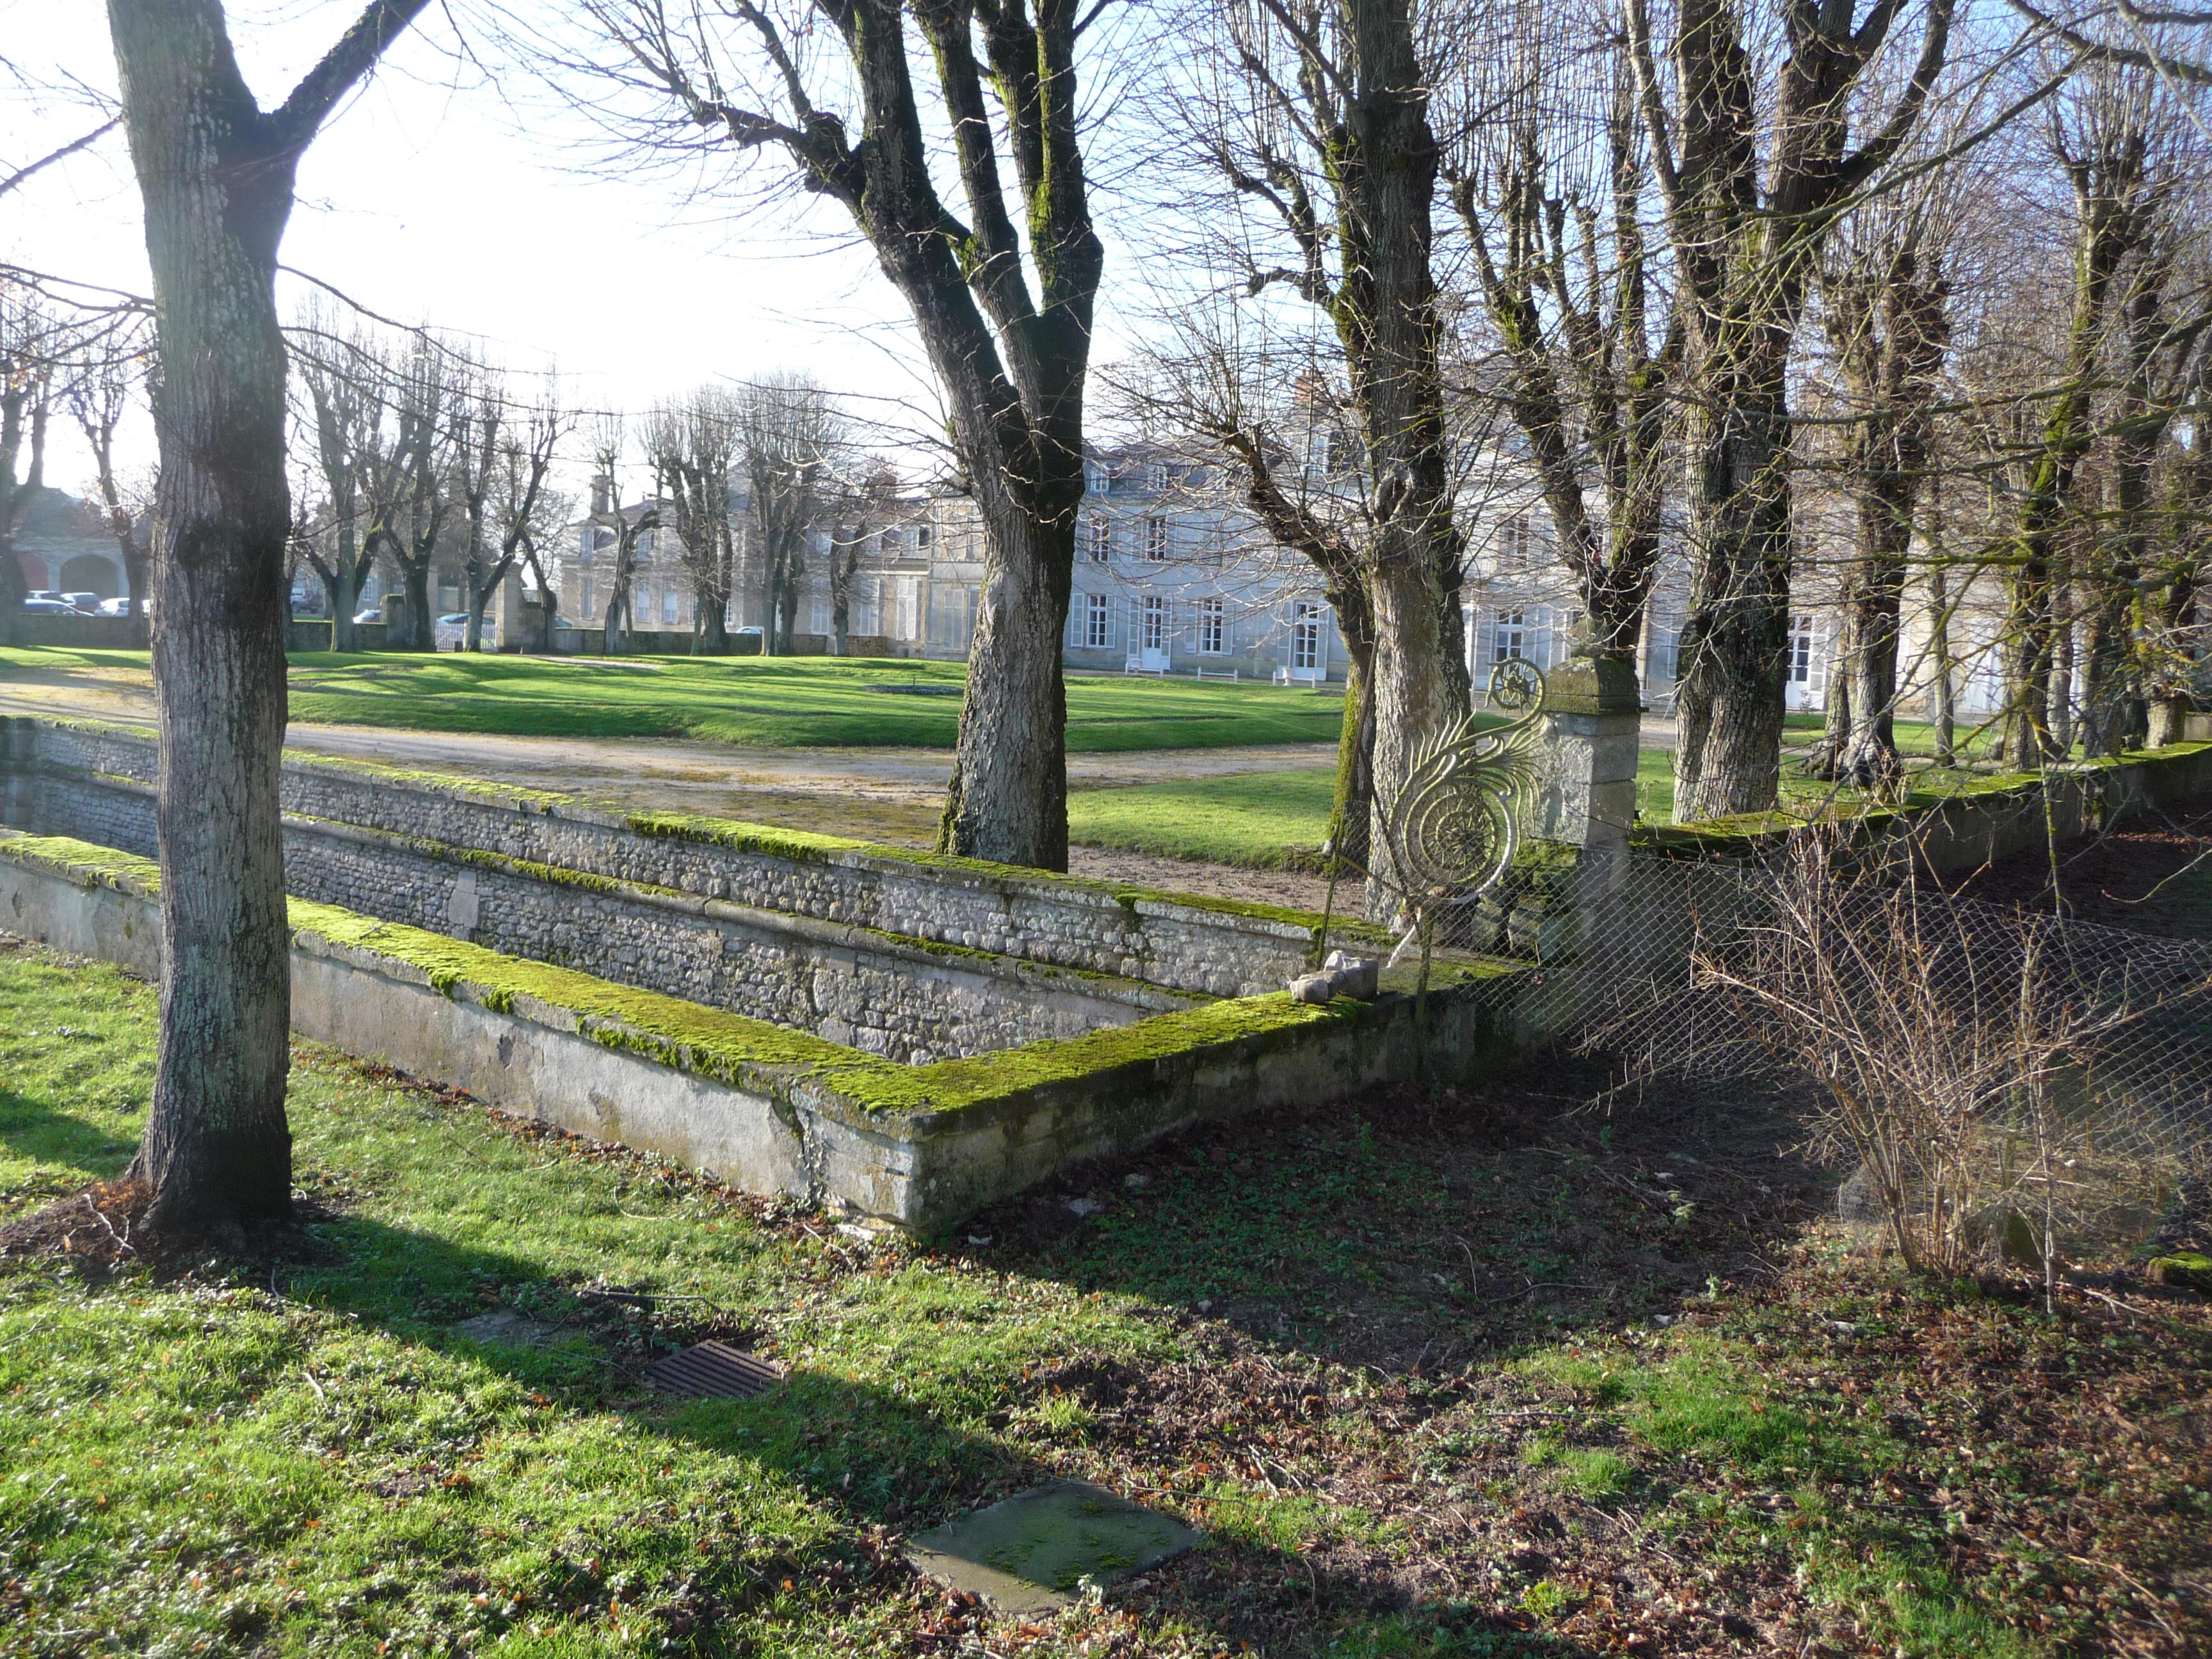 Parc et jardin du ch teau de chevilly parcs et jardins en r gion centre - Parcs et jardins de france ...